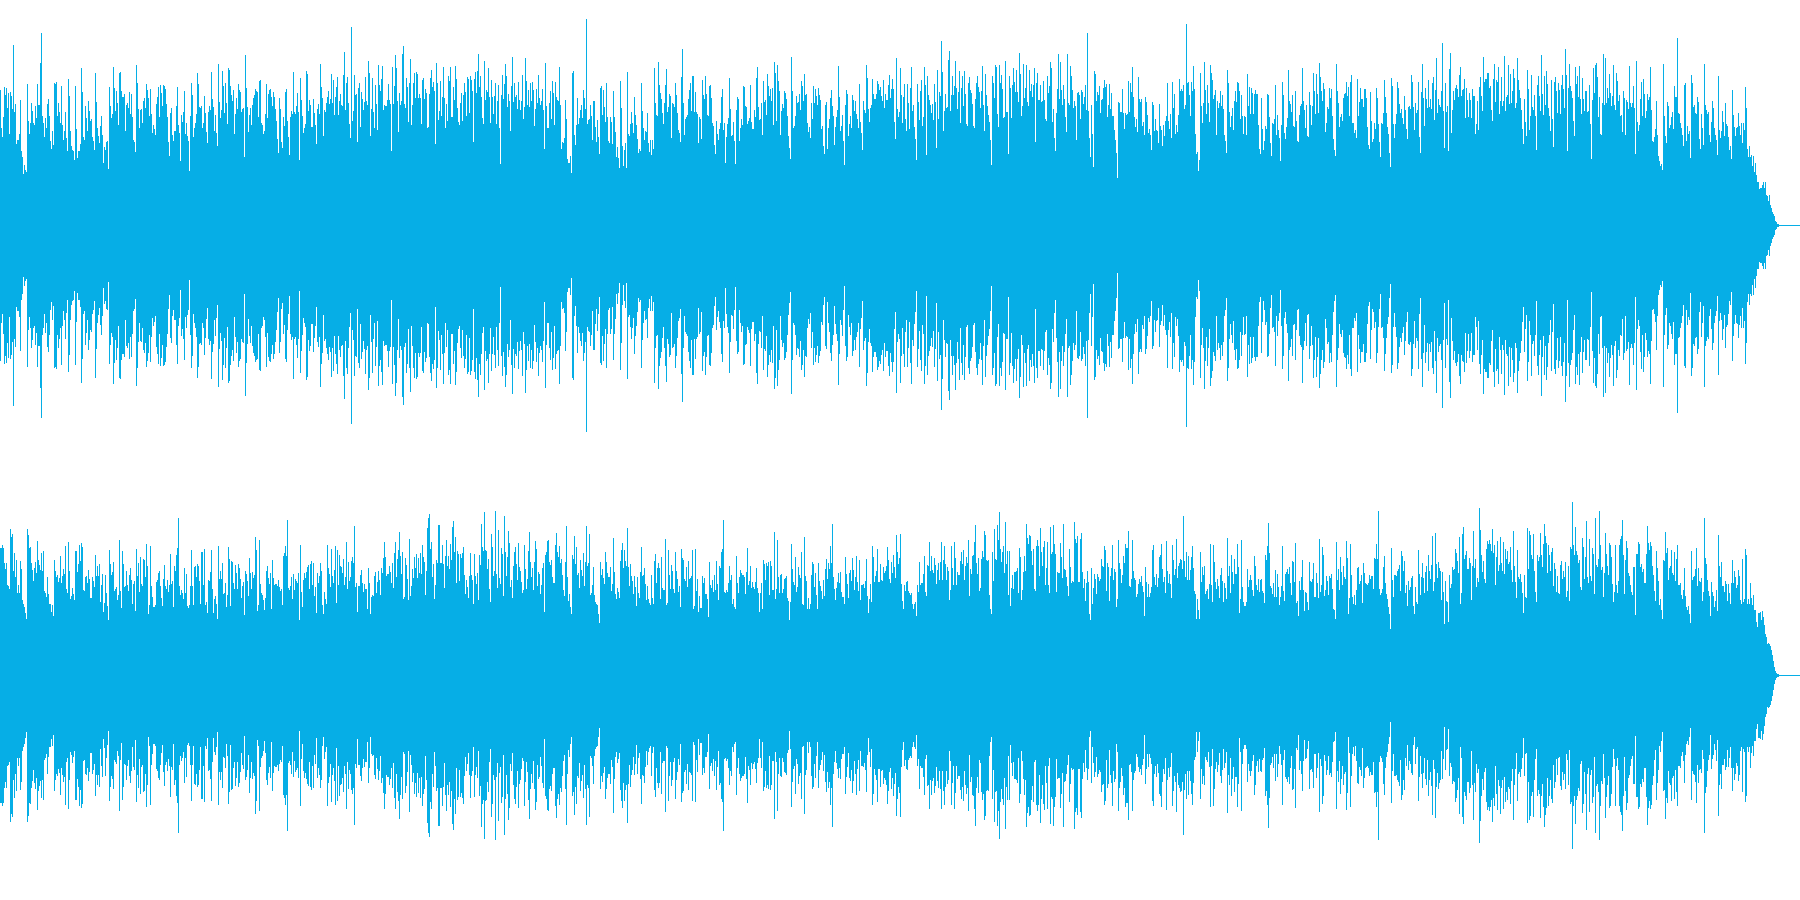 しっとりして落ち着くメロディアスなSAXの再生済みの波形